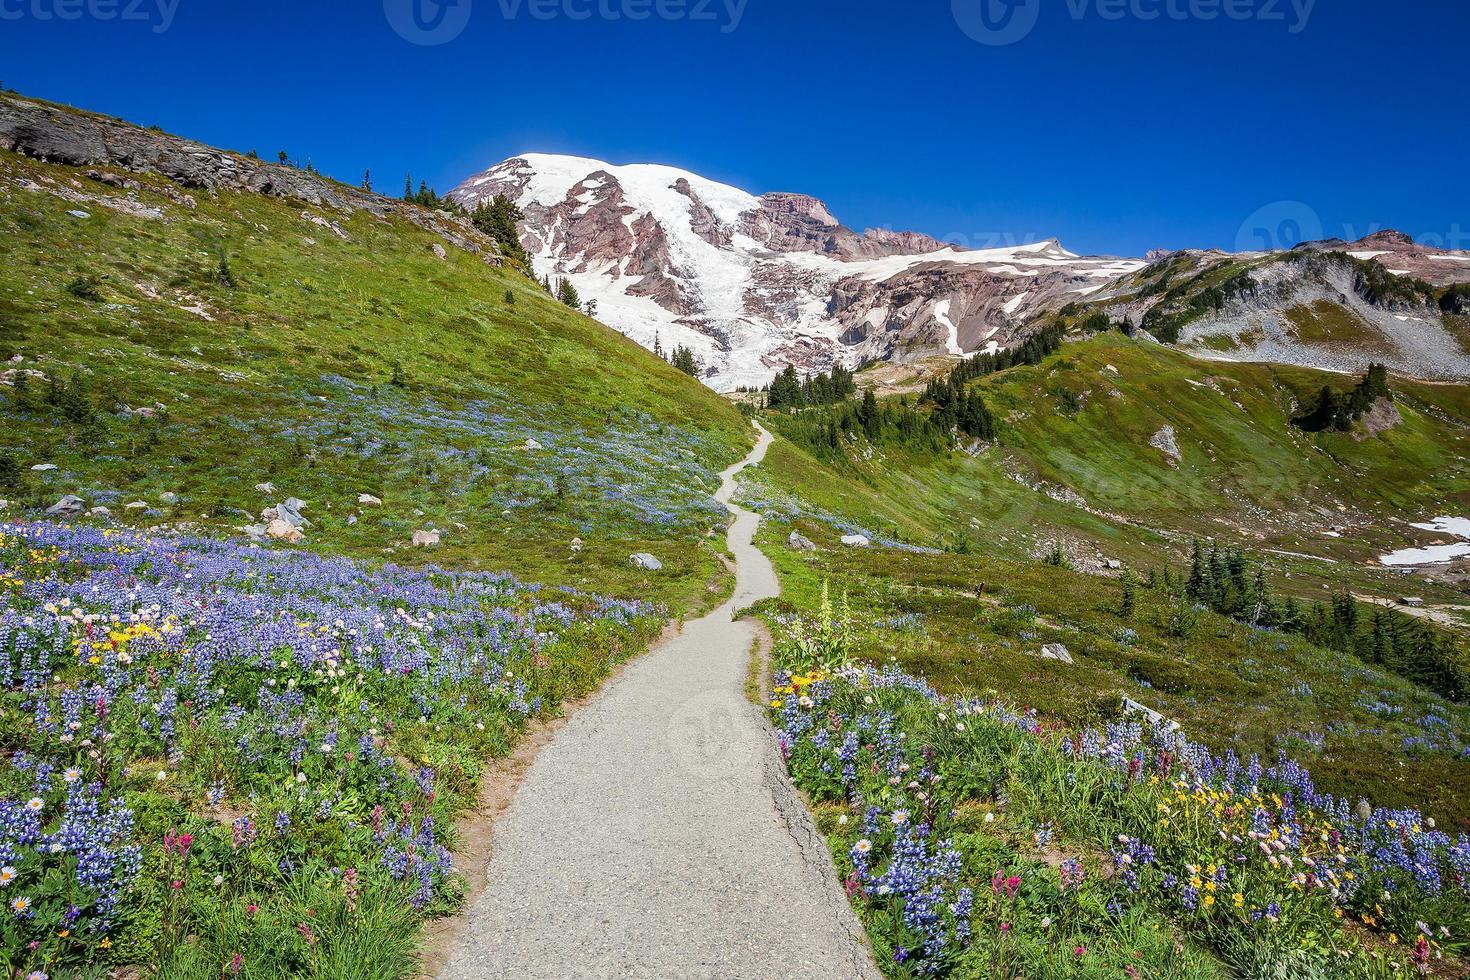 Trail to Mount Rainier photo